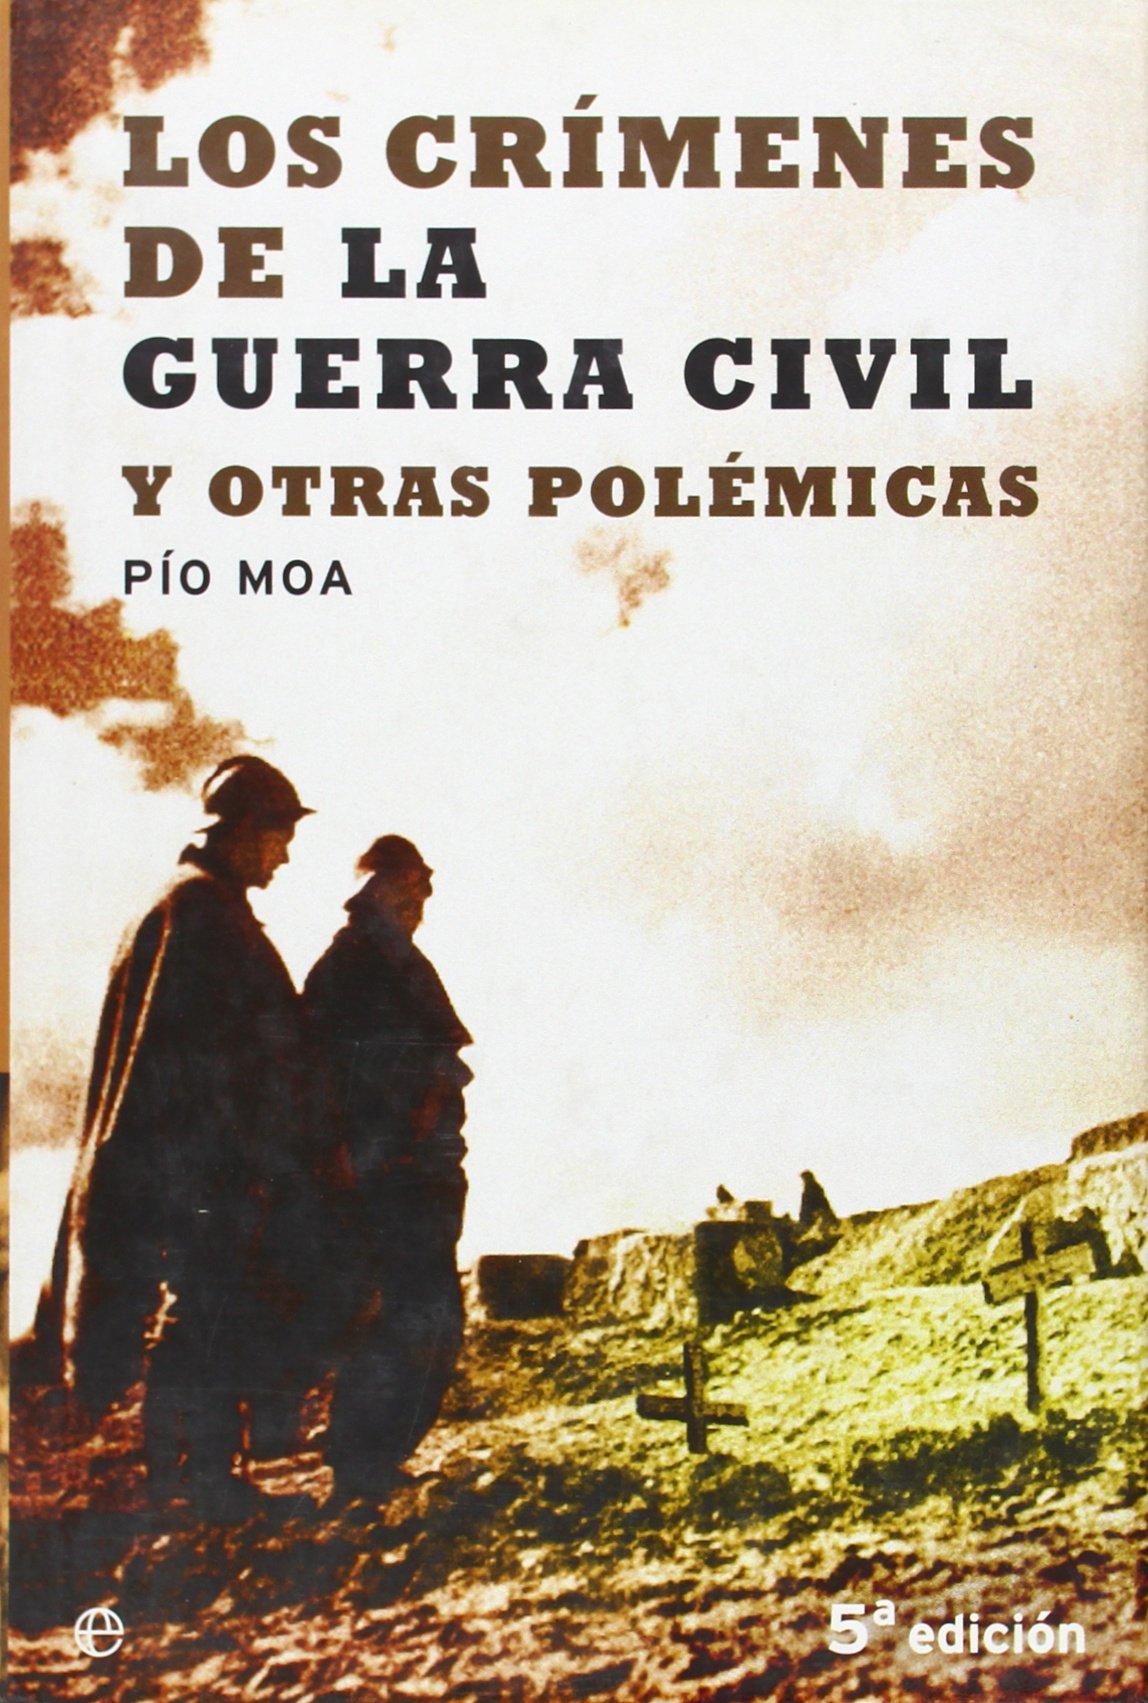 Crimenes de la Guerra civil y oras polemicas: Amazon.es: Moa, Pio: Libros